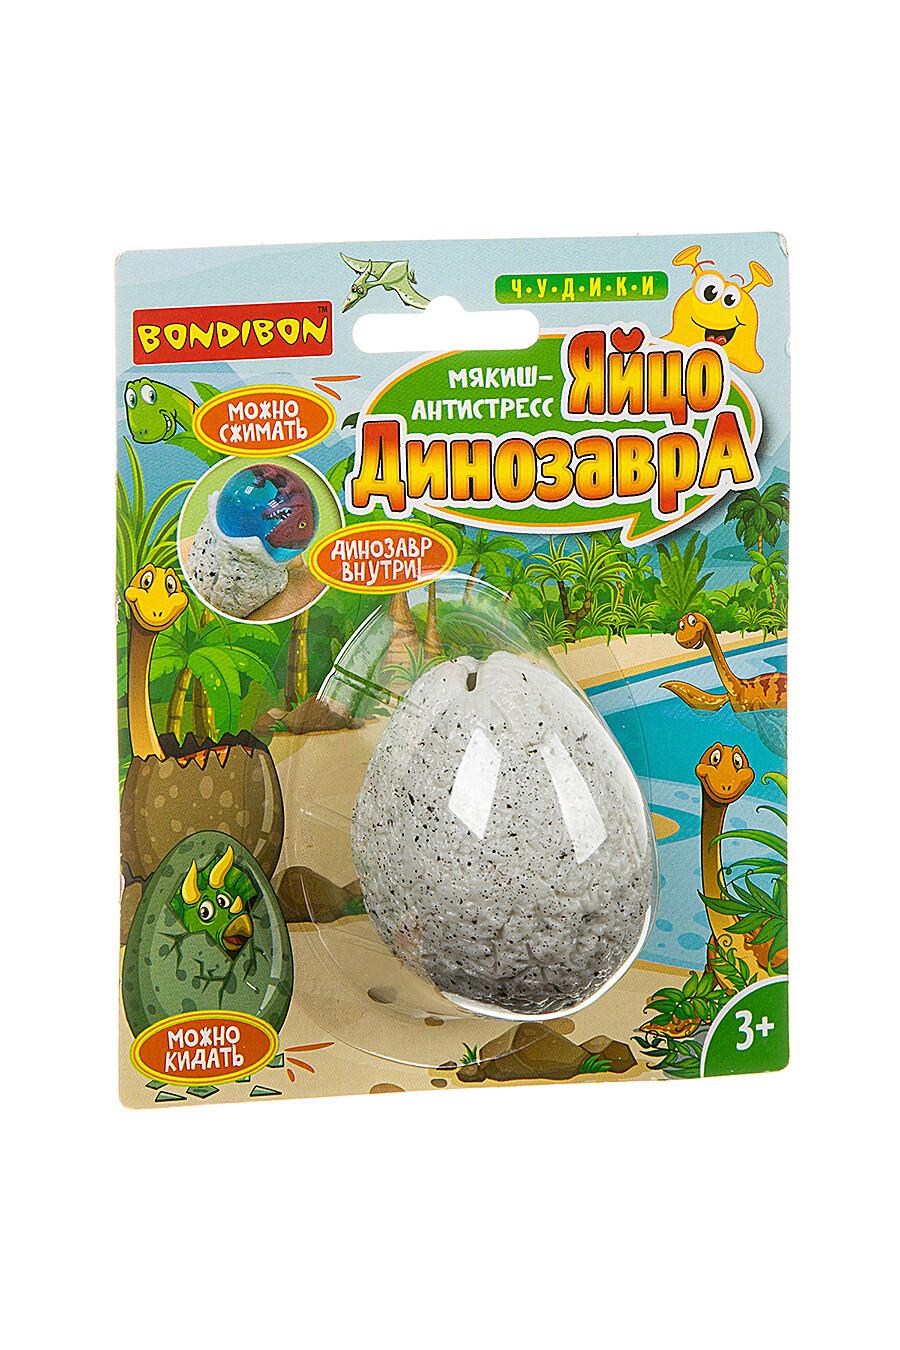 Мякиш-антистресс для детей BONDIBON 156957 купить оптом от производителя. Совместная покупка игрушек в OptMoyo